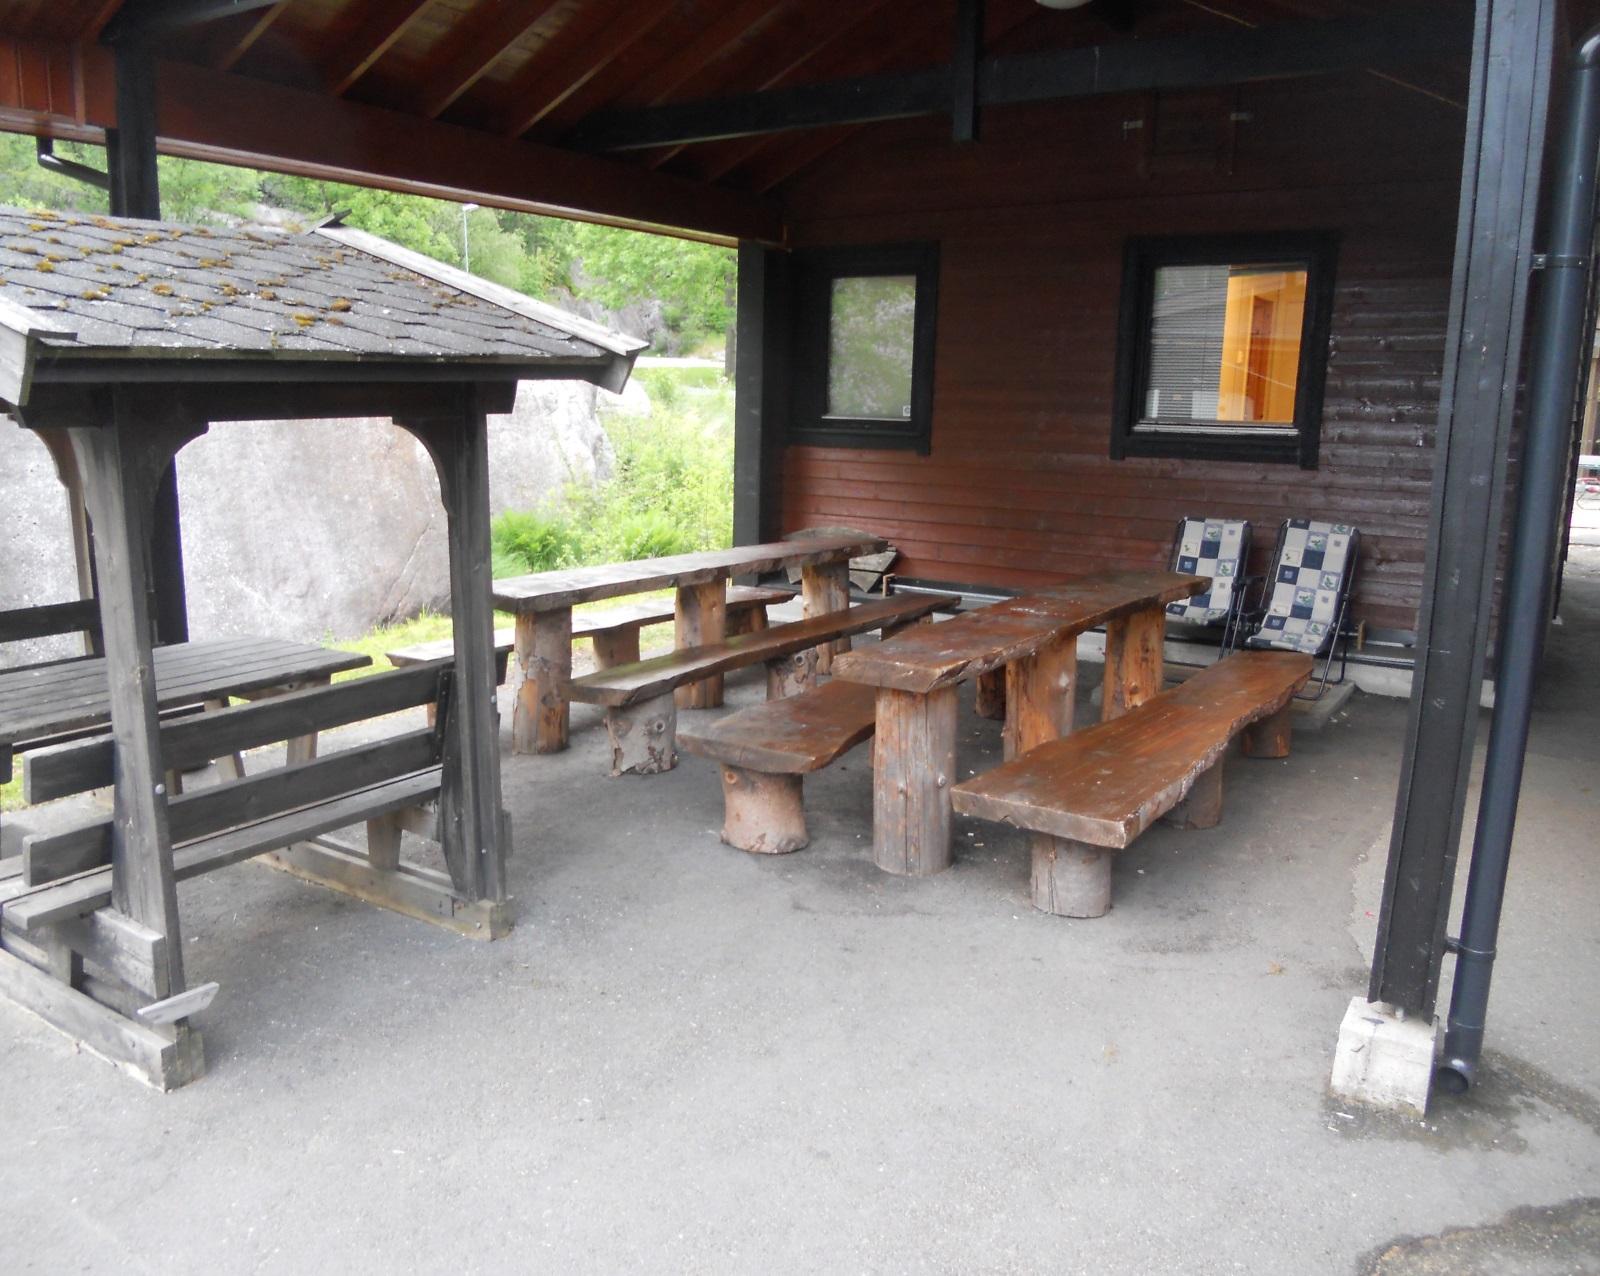 Outdoor Küche Camping : Test odda camping unweit des hardangerfjords in fremden gefilden